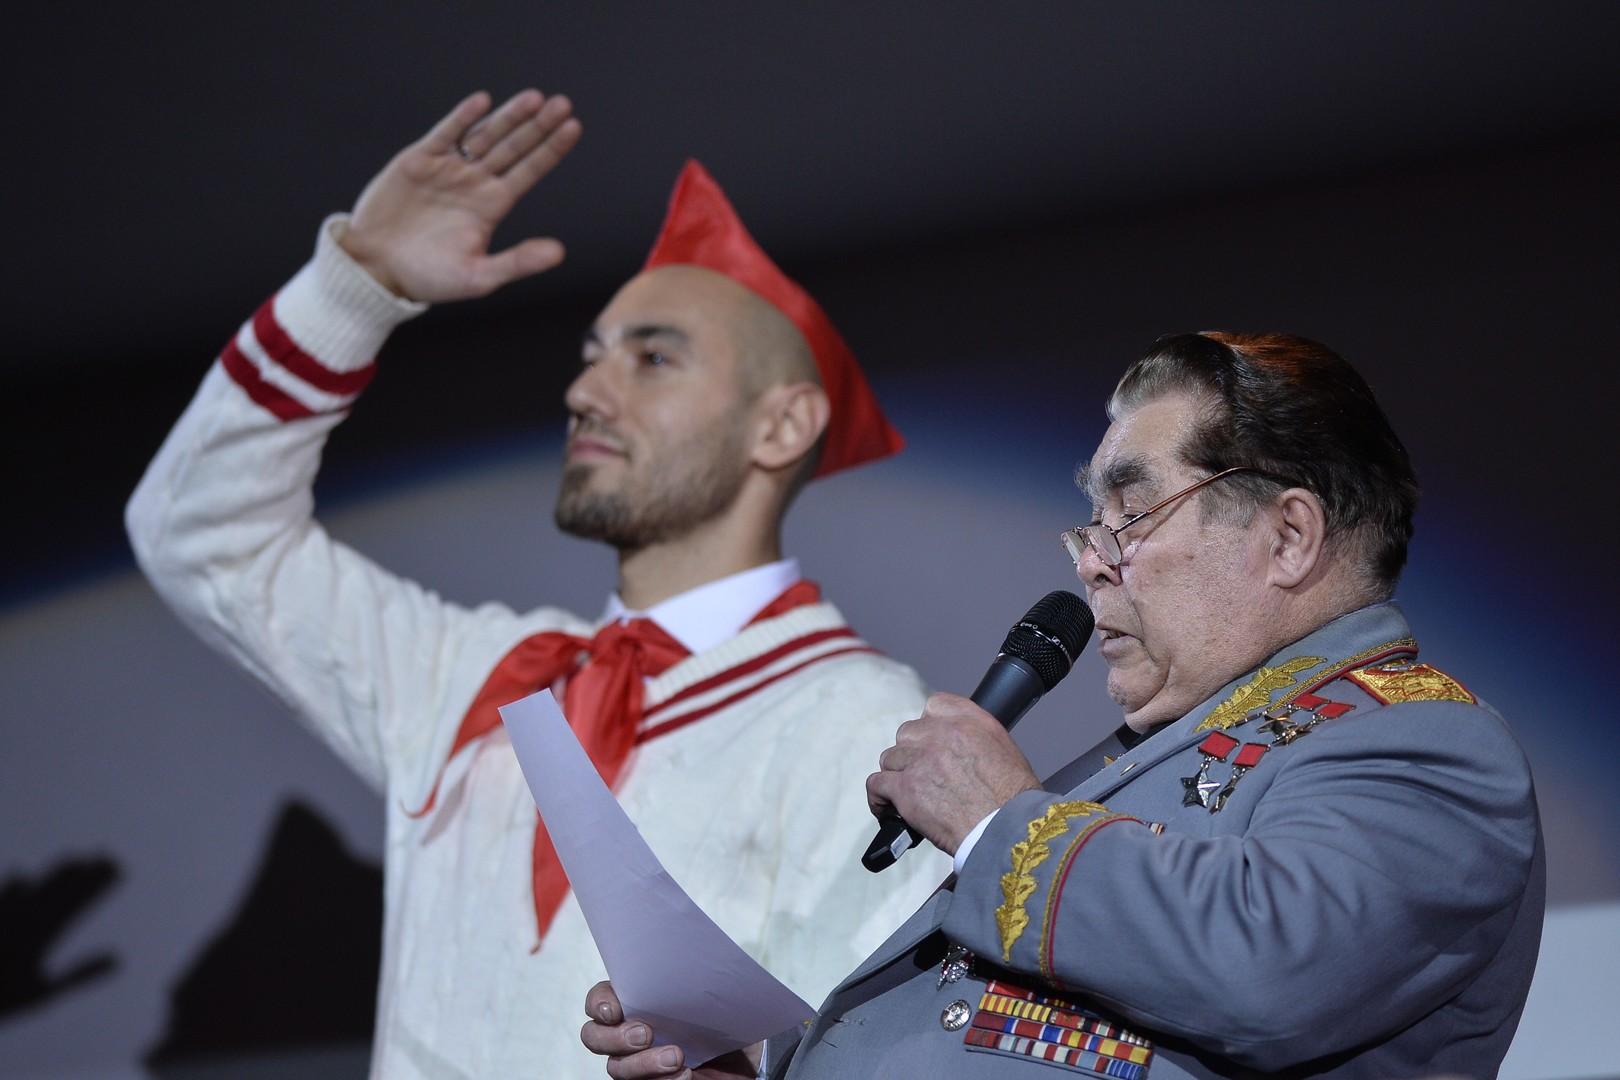 Schauspieler parodiert den Ersten Generalsekretär der KPdSU Leonid Brezhnew vor einem Hockey-Spiel.